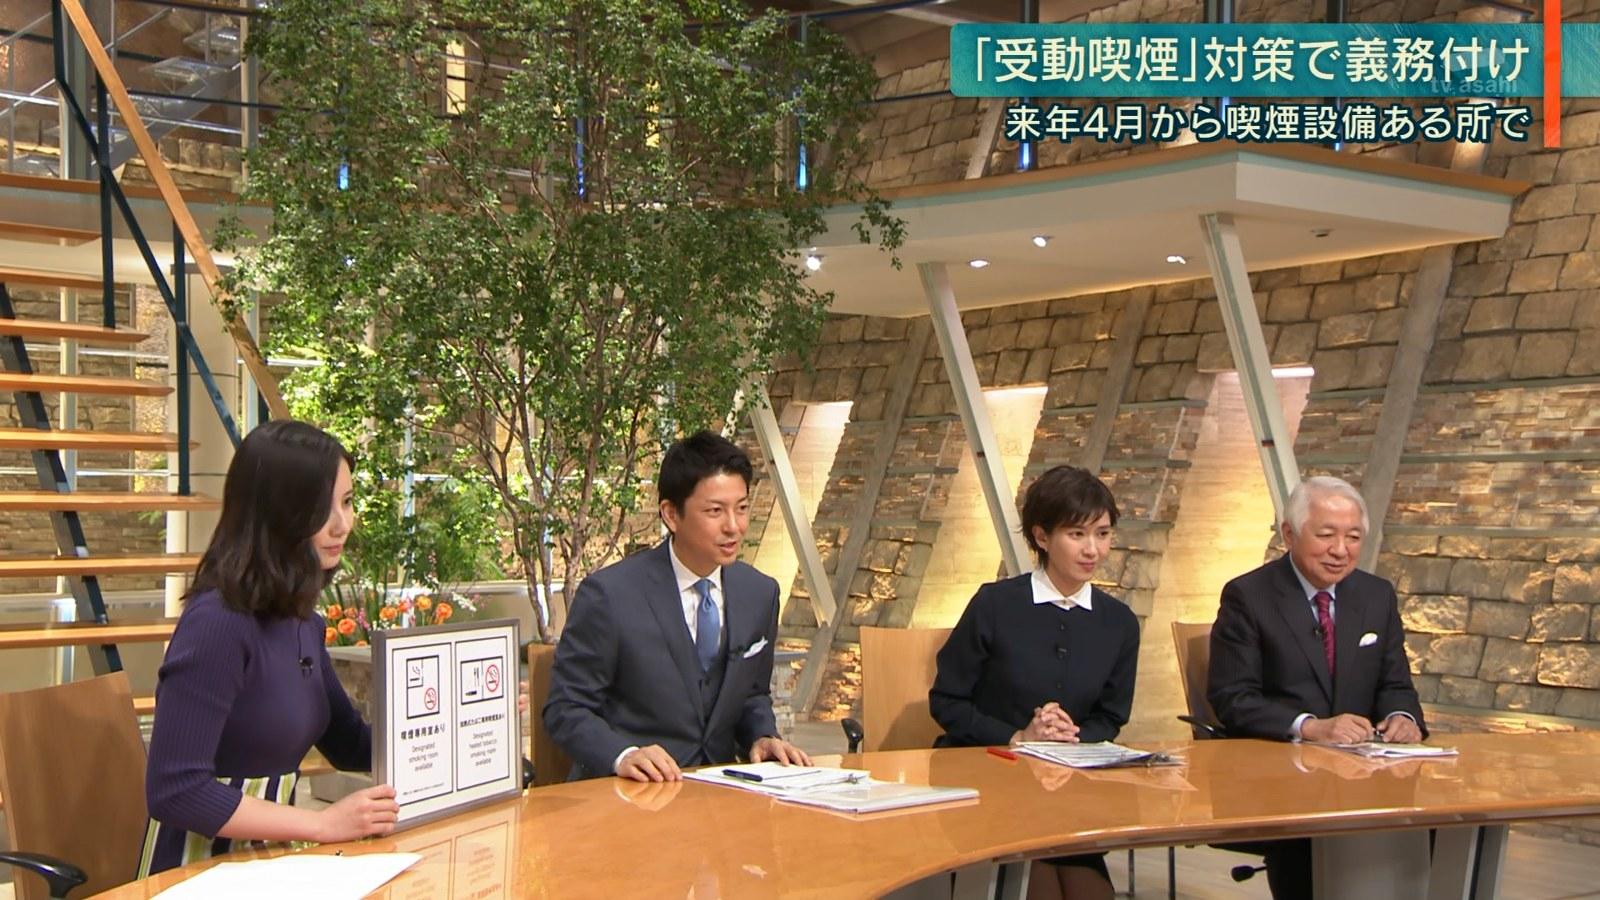 森川夕貴_女子アナ_横乳_報道ステーション_40